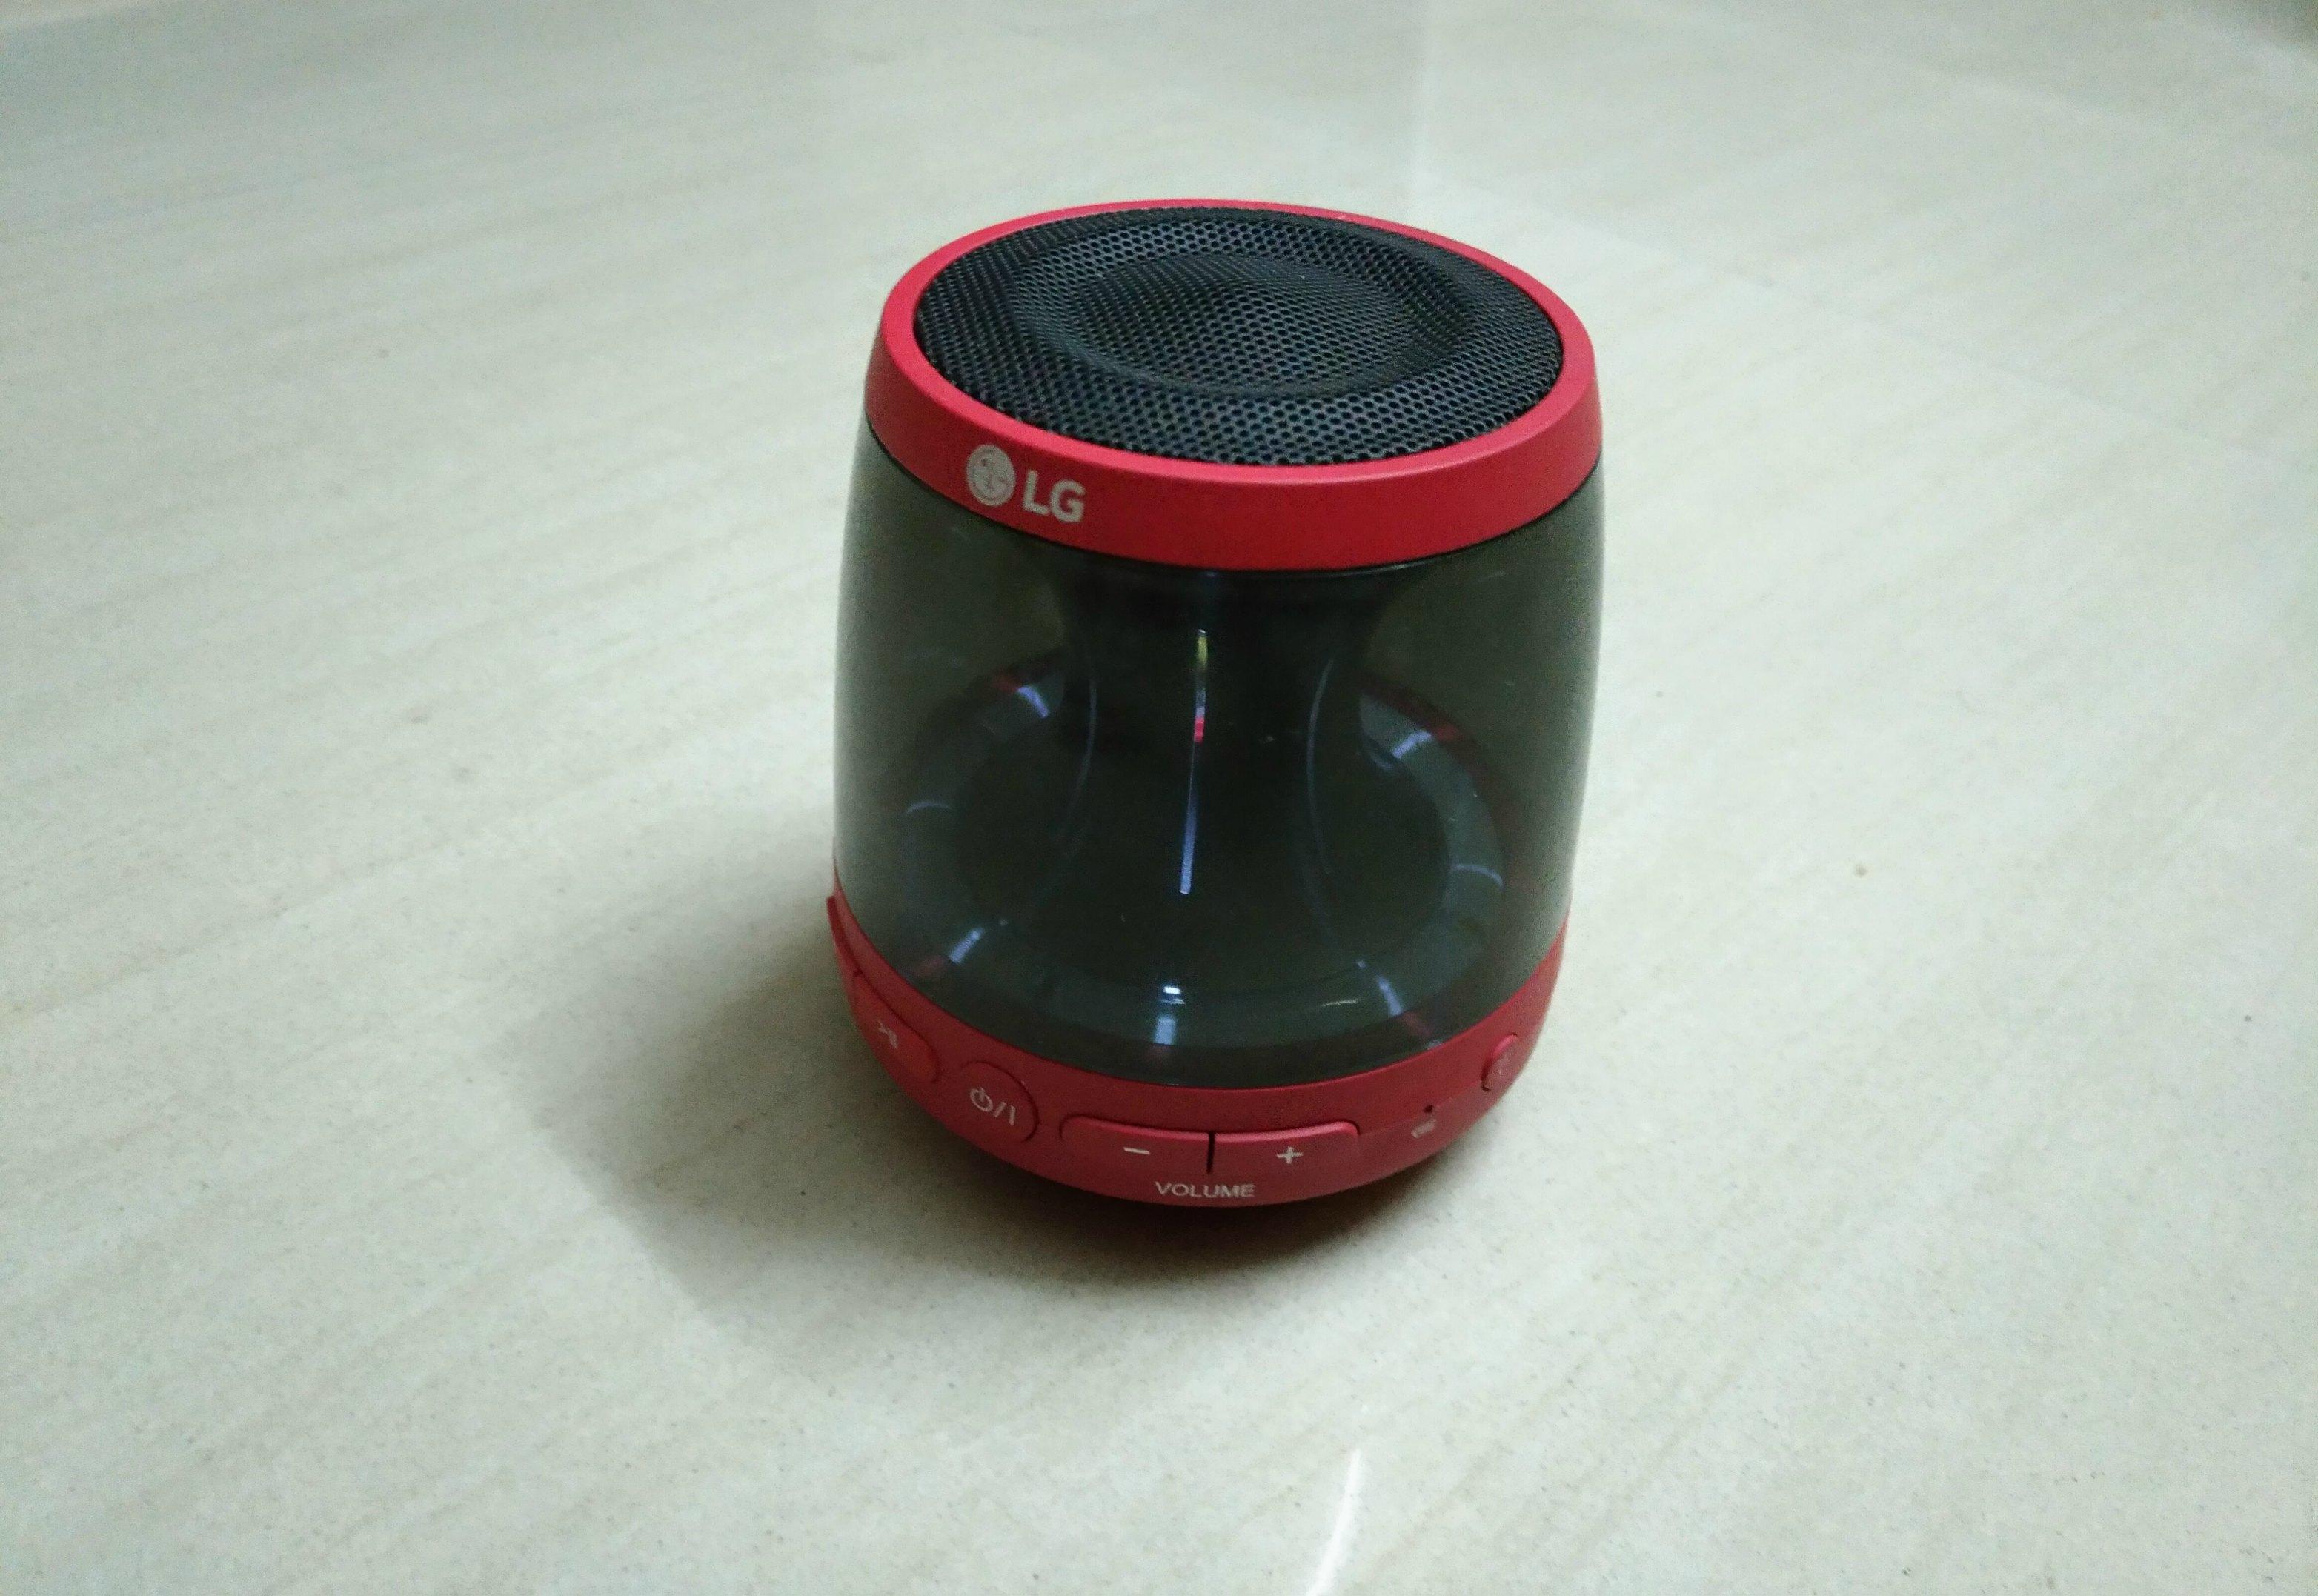 lg-speaker_1